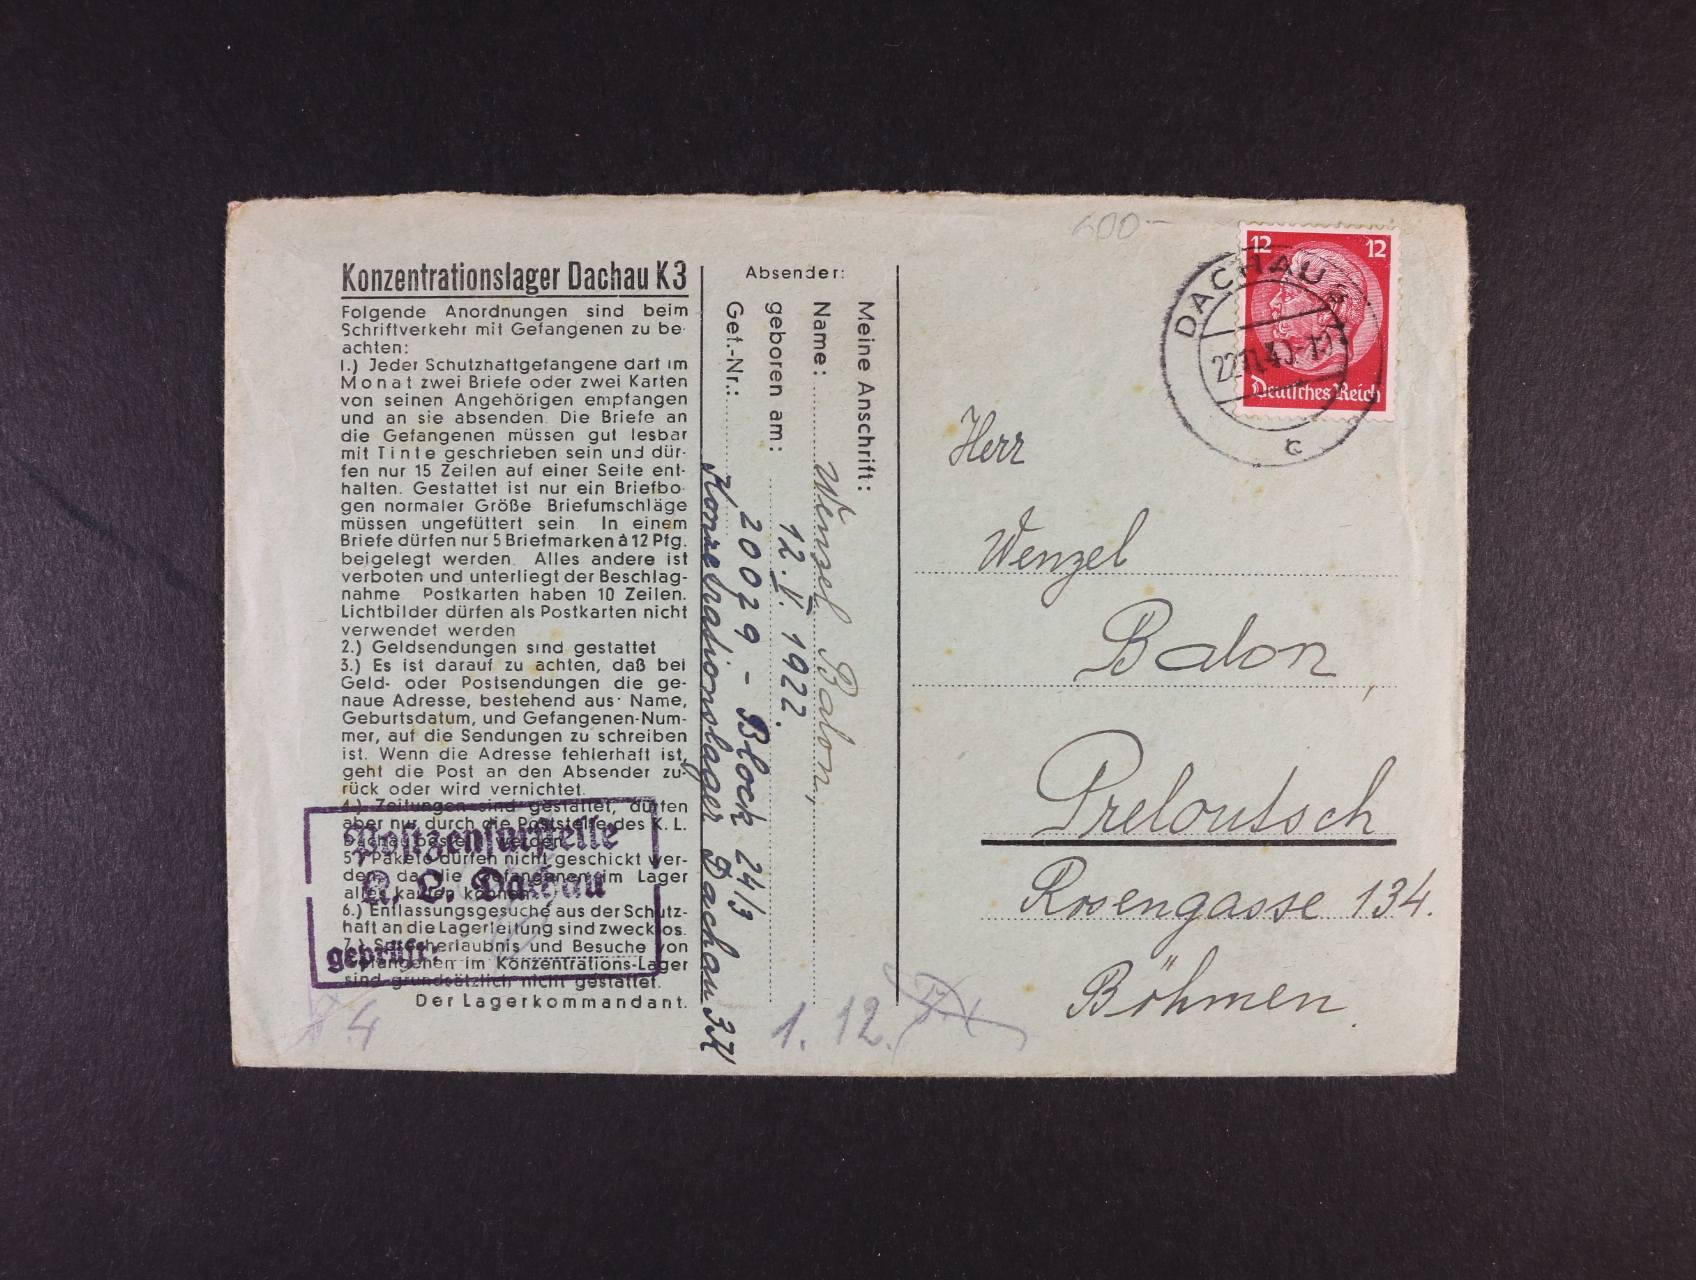 Dachau - oficielní obálka vč. obsahu do Přelouče frank. zn. 12pf Hindenburg, pod. raz. DACHAU 22.11.40 + rámeč. cenzurní raz.